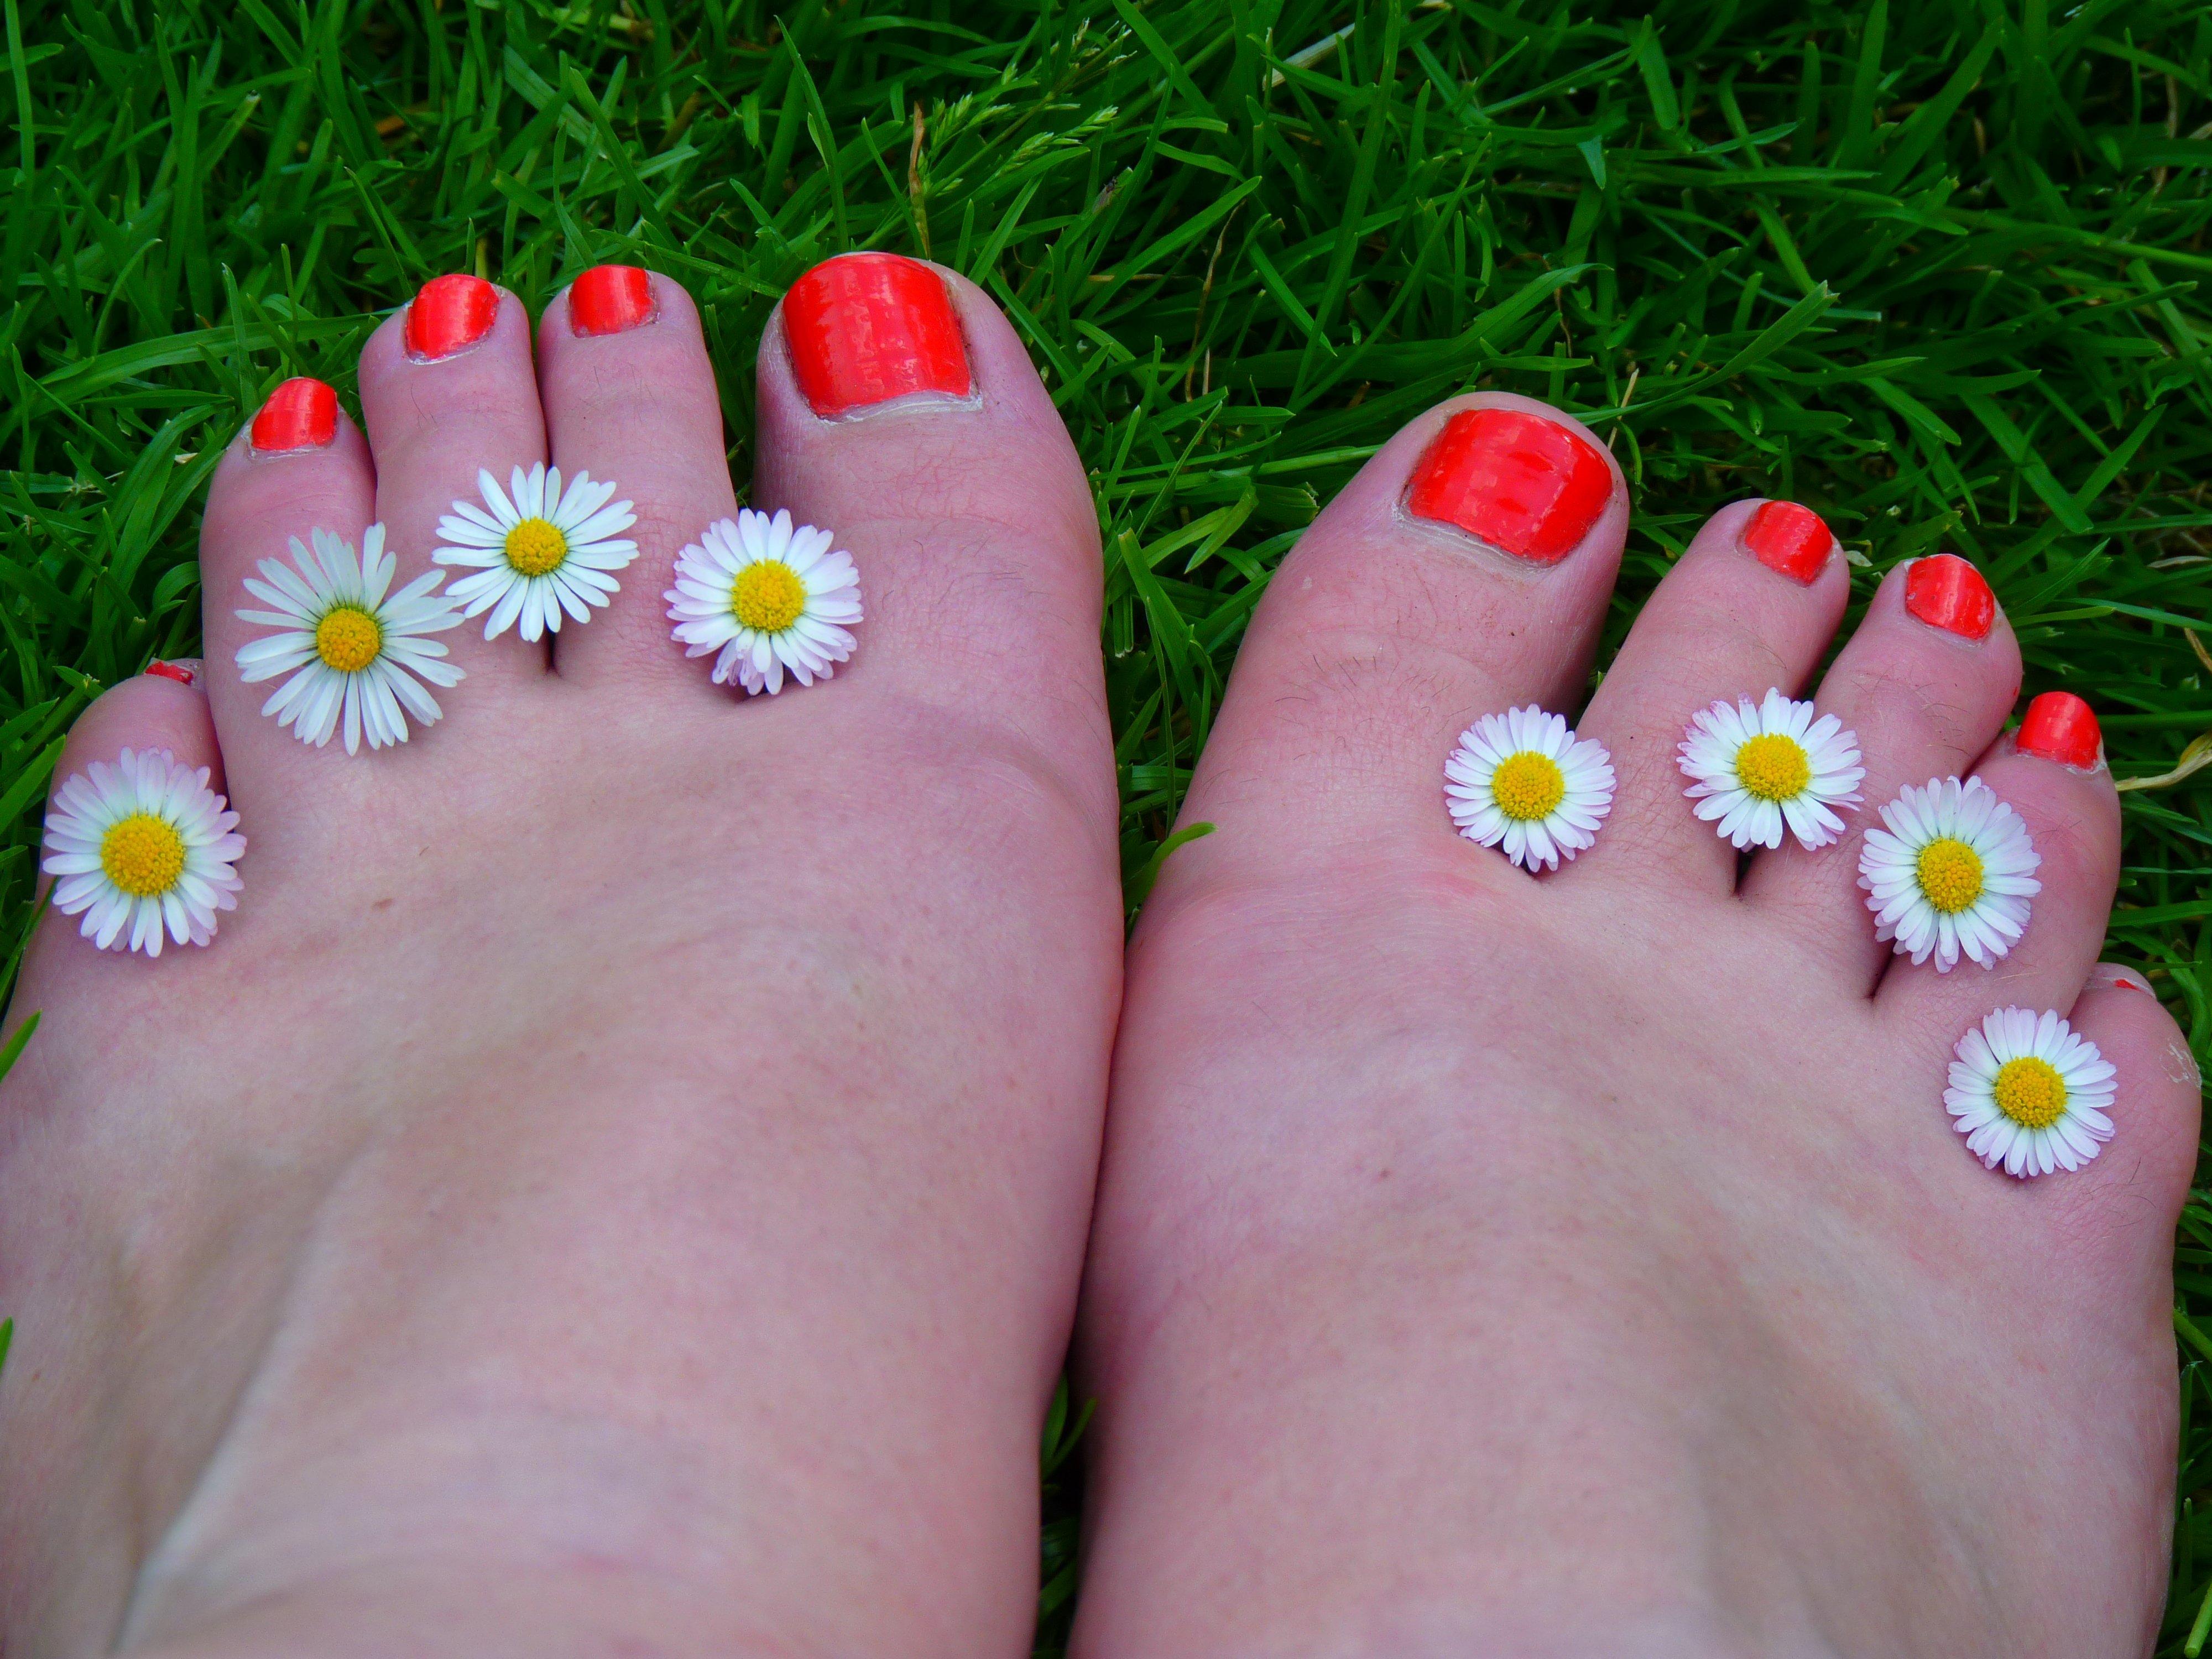 Fotos gratis : mano, césped, flor, pétalo, Pies, verano, margarita ...